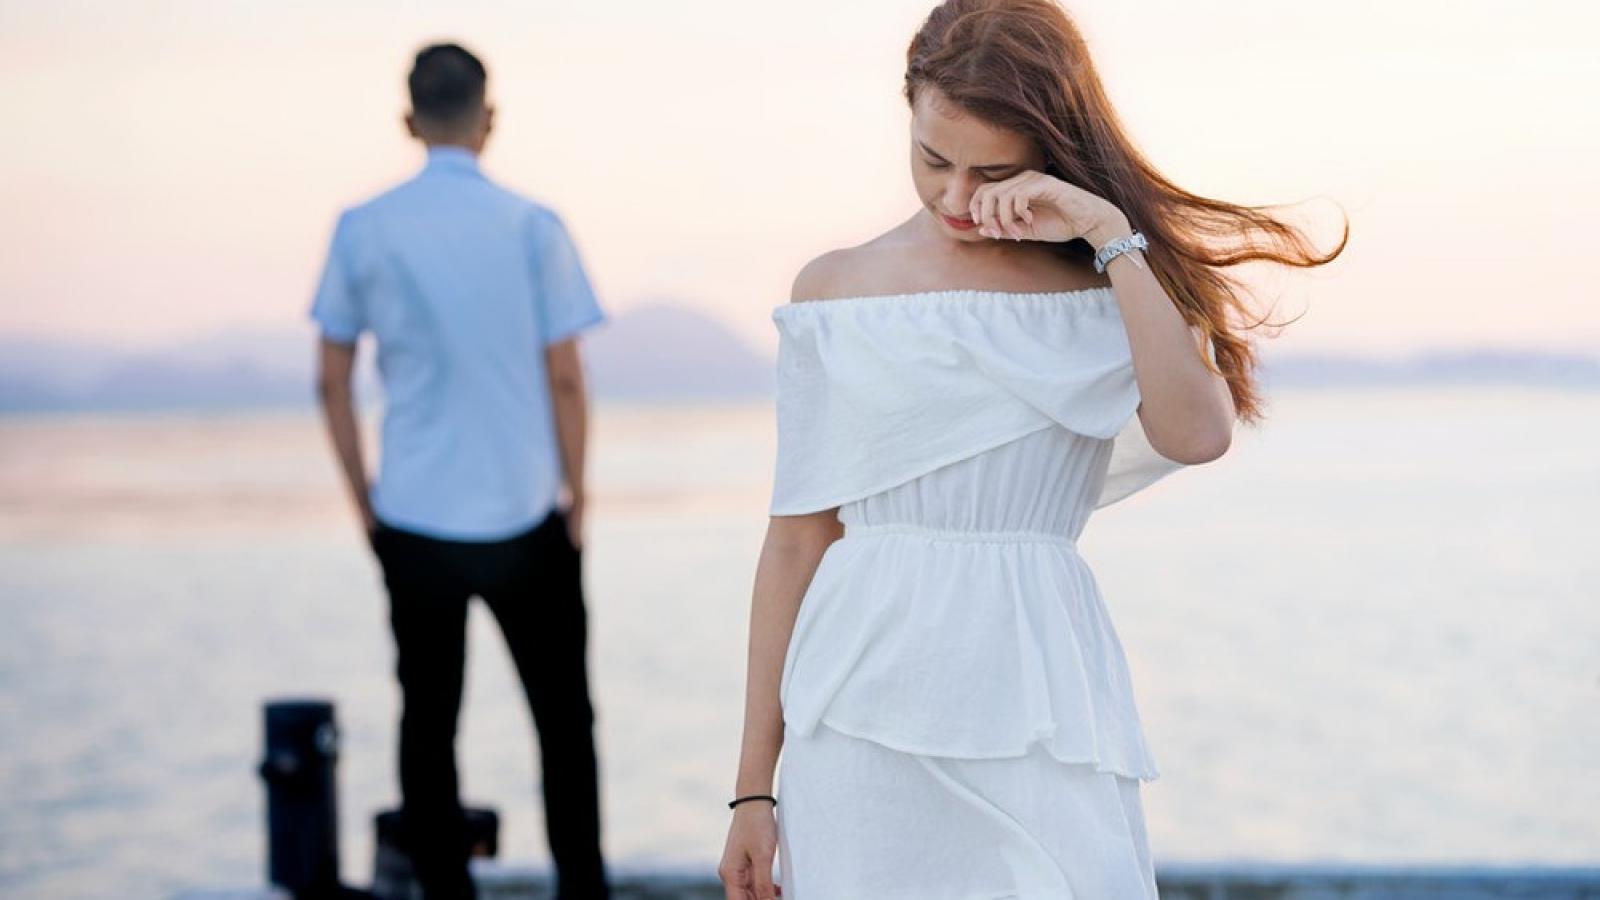 8 lý do khiến chàng không còn quan tâm đến bạn